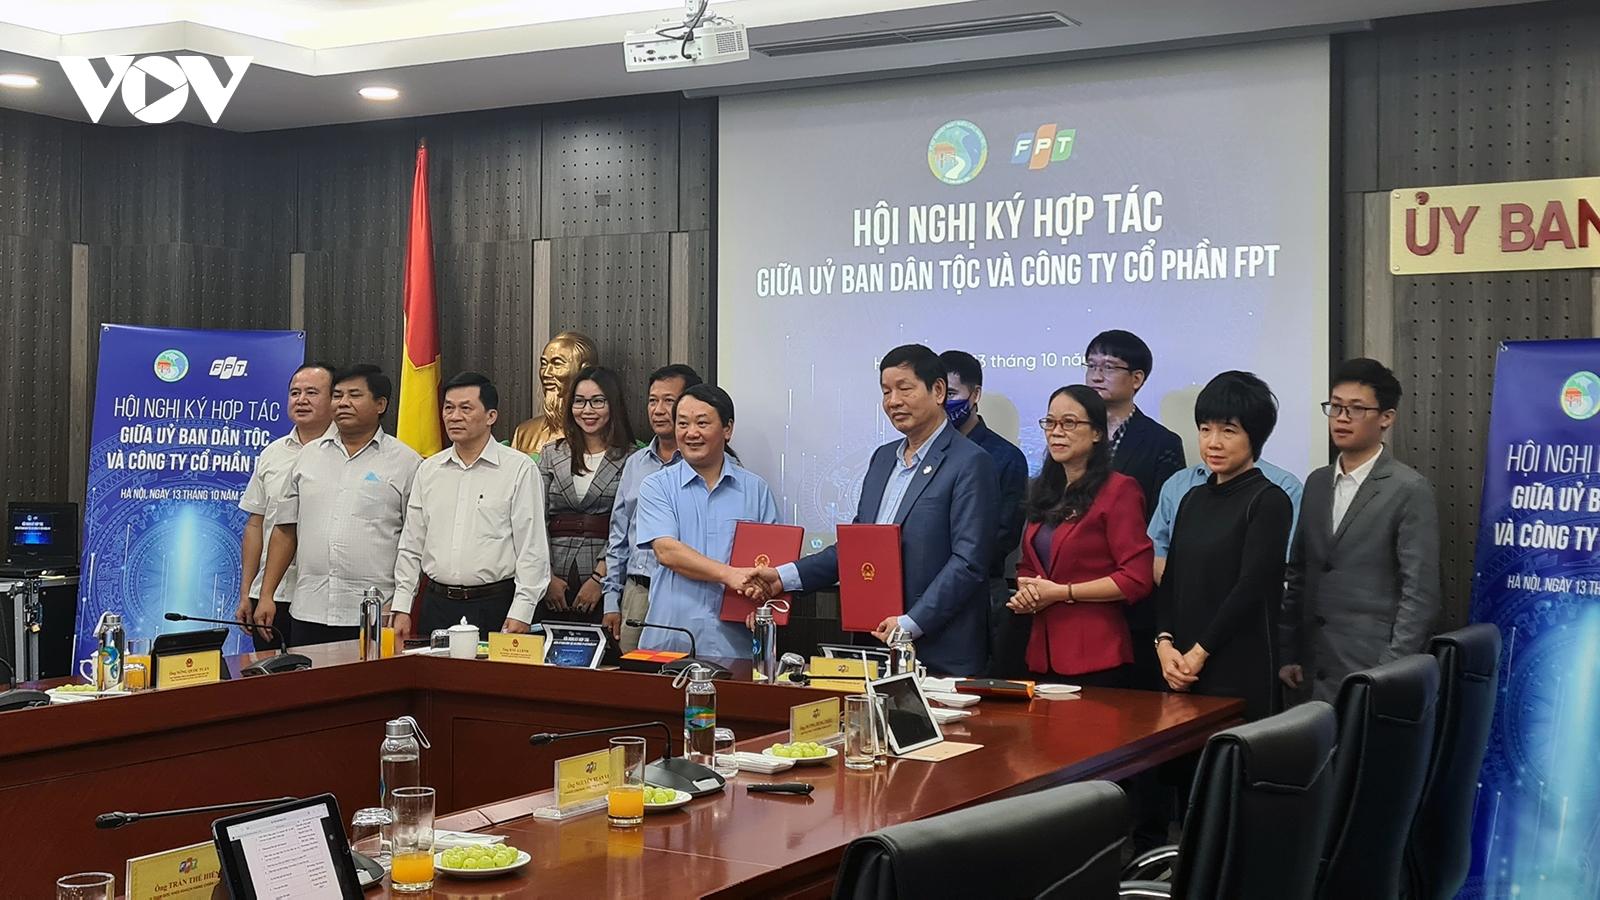 Ủy ban Dân tộc và Tập đoàn FPT ký kết thỏa thuận hợp tác chiến lược về chuyển đổi số